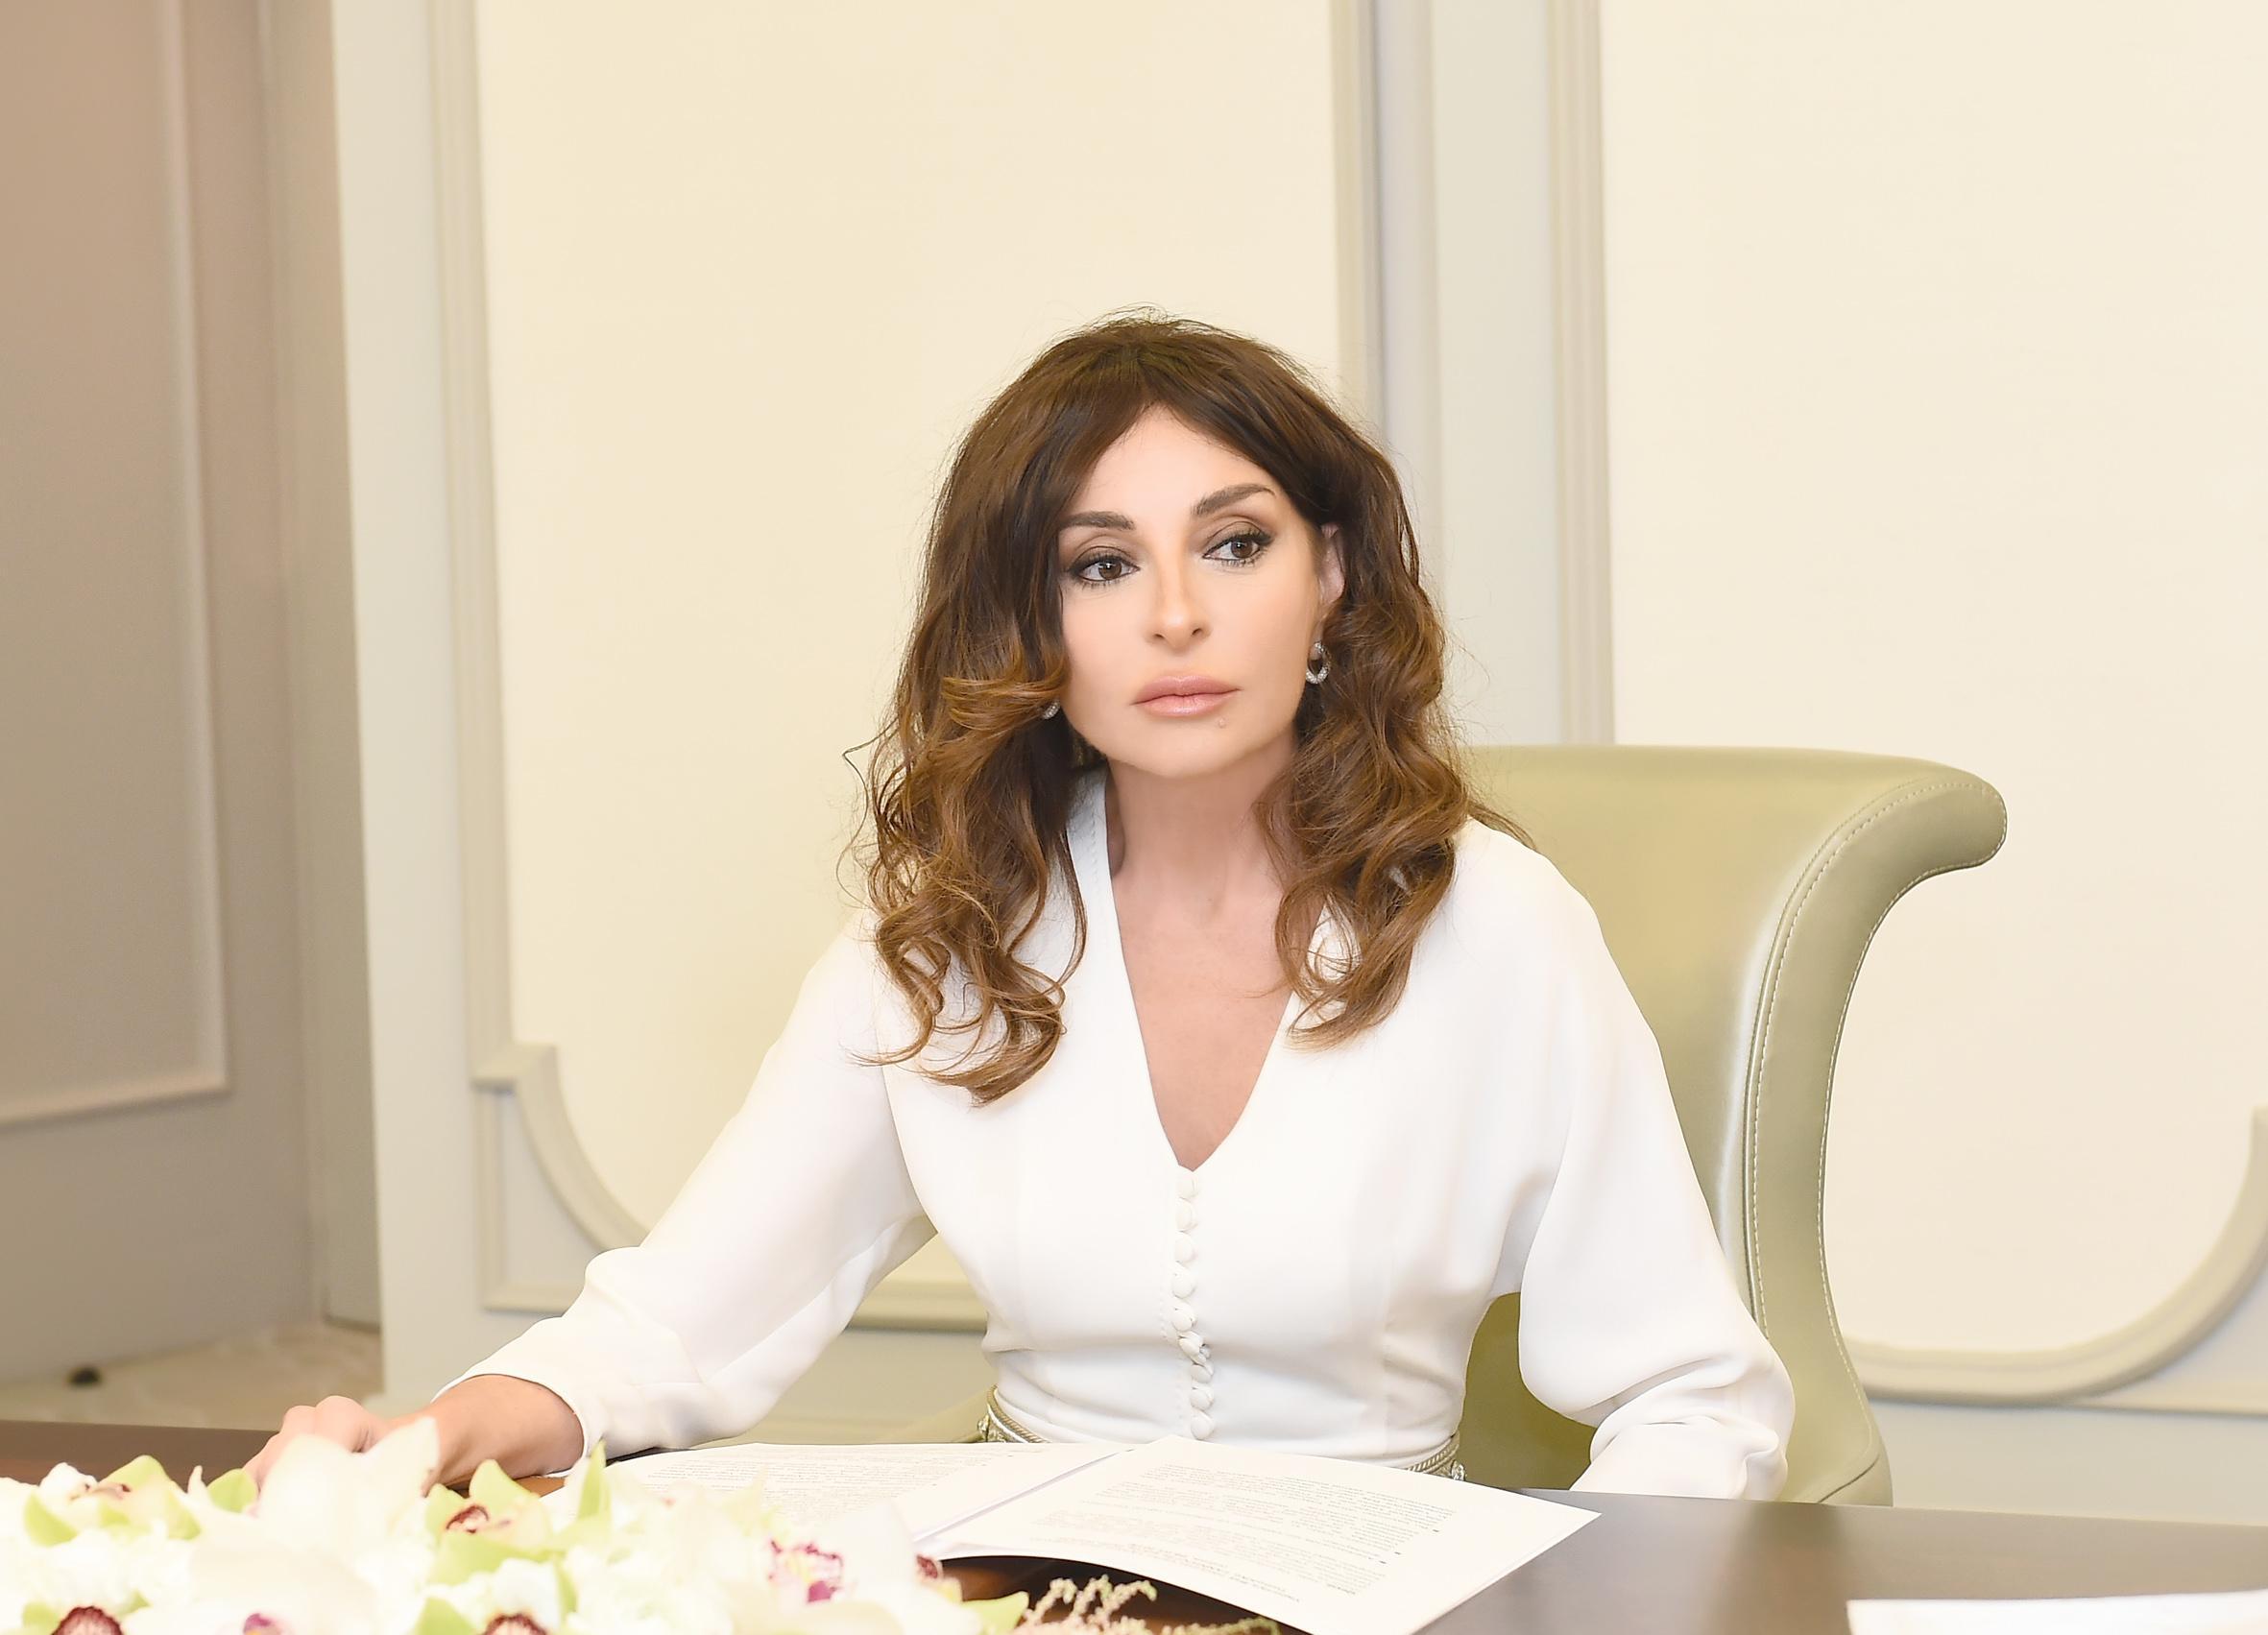 Azərbaycanın Birinci vitse-prezidenti xalq yazıçısı Anarı təbrik edib